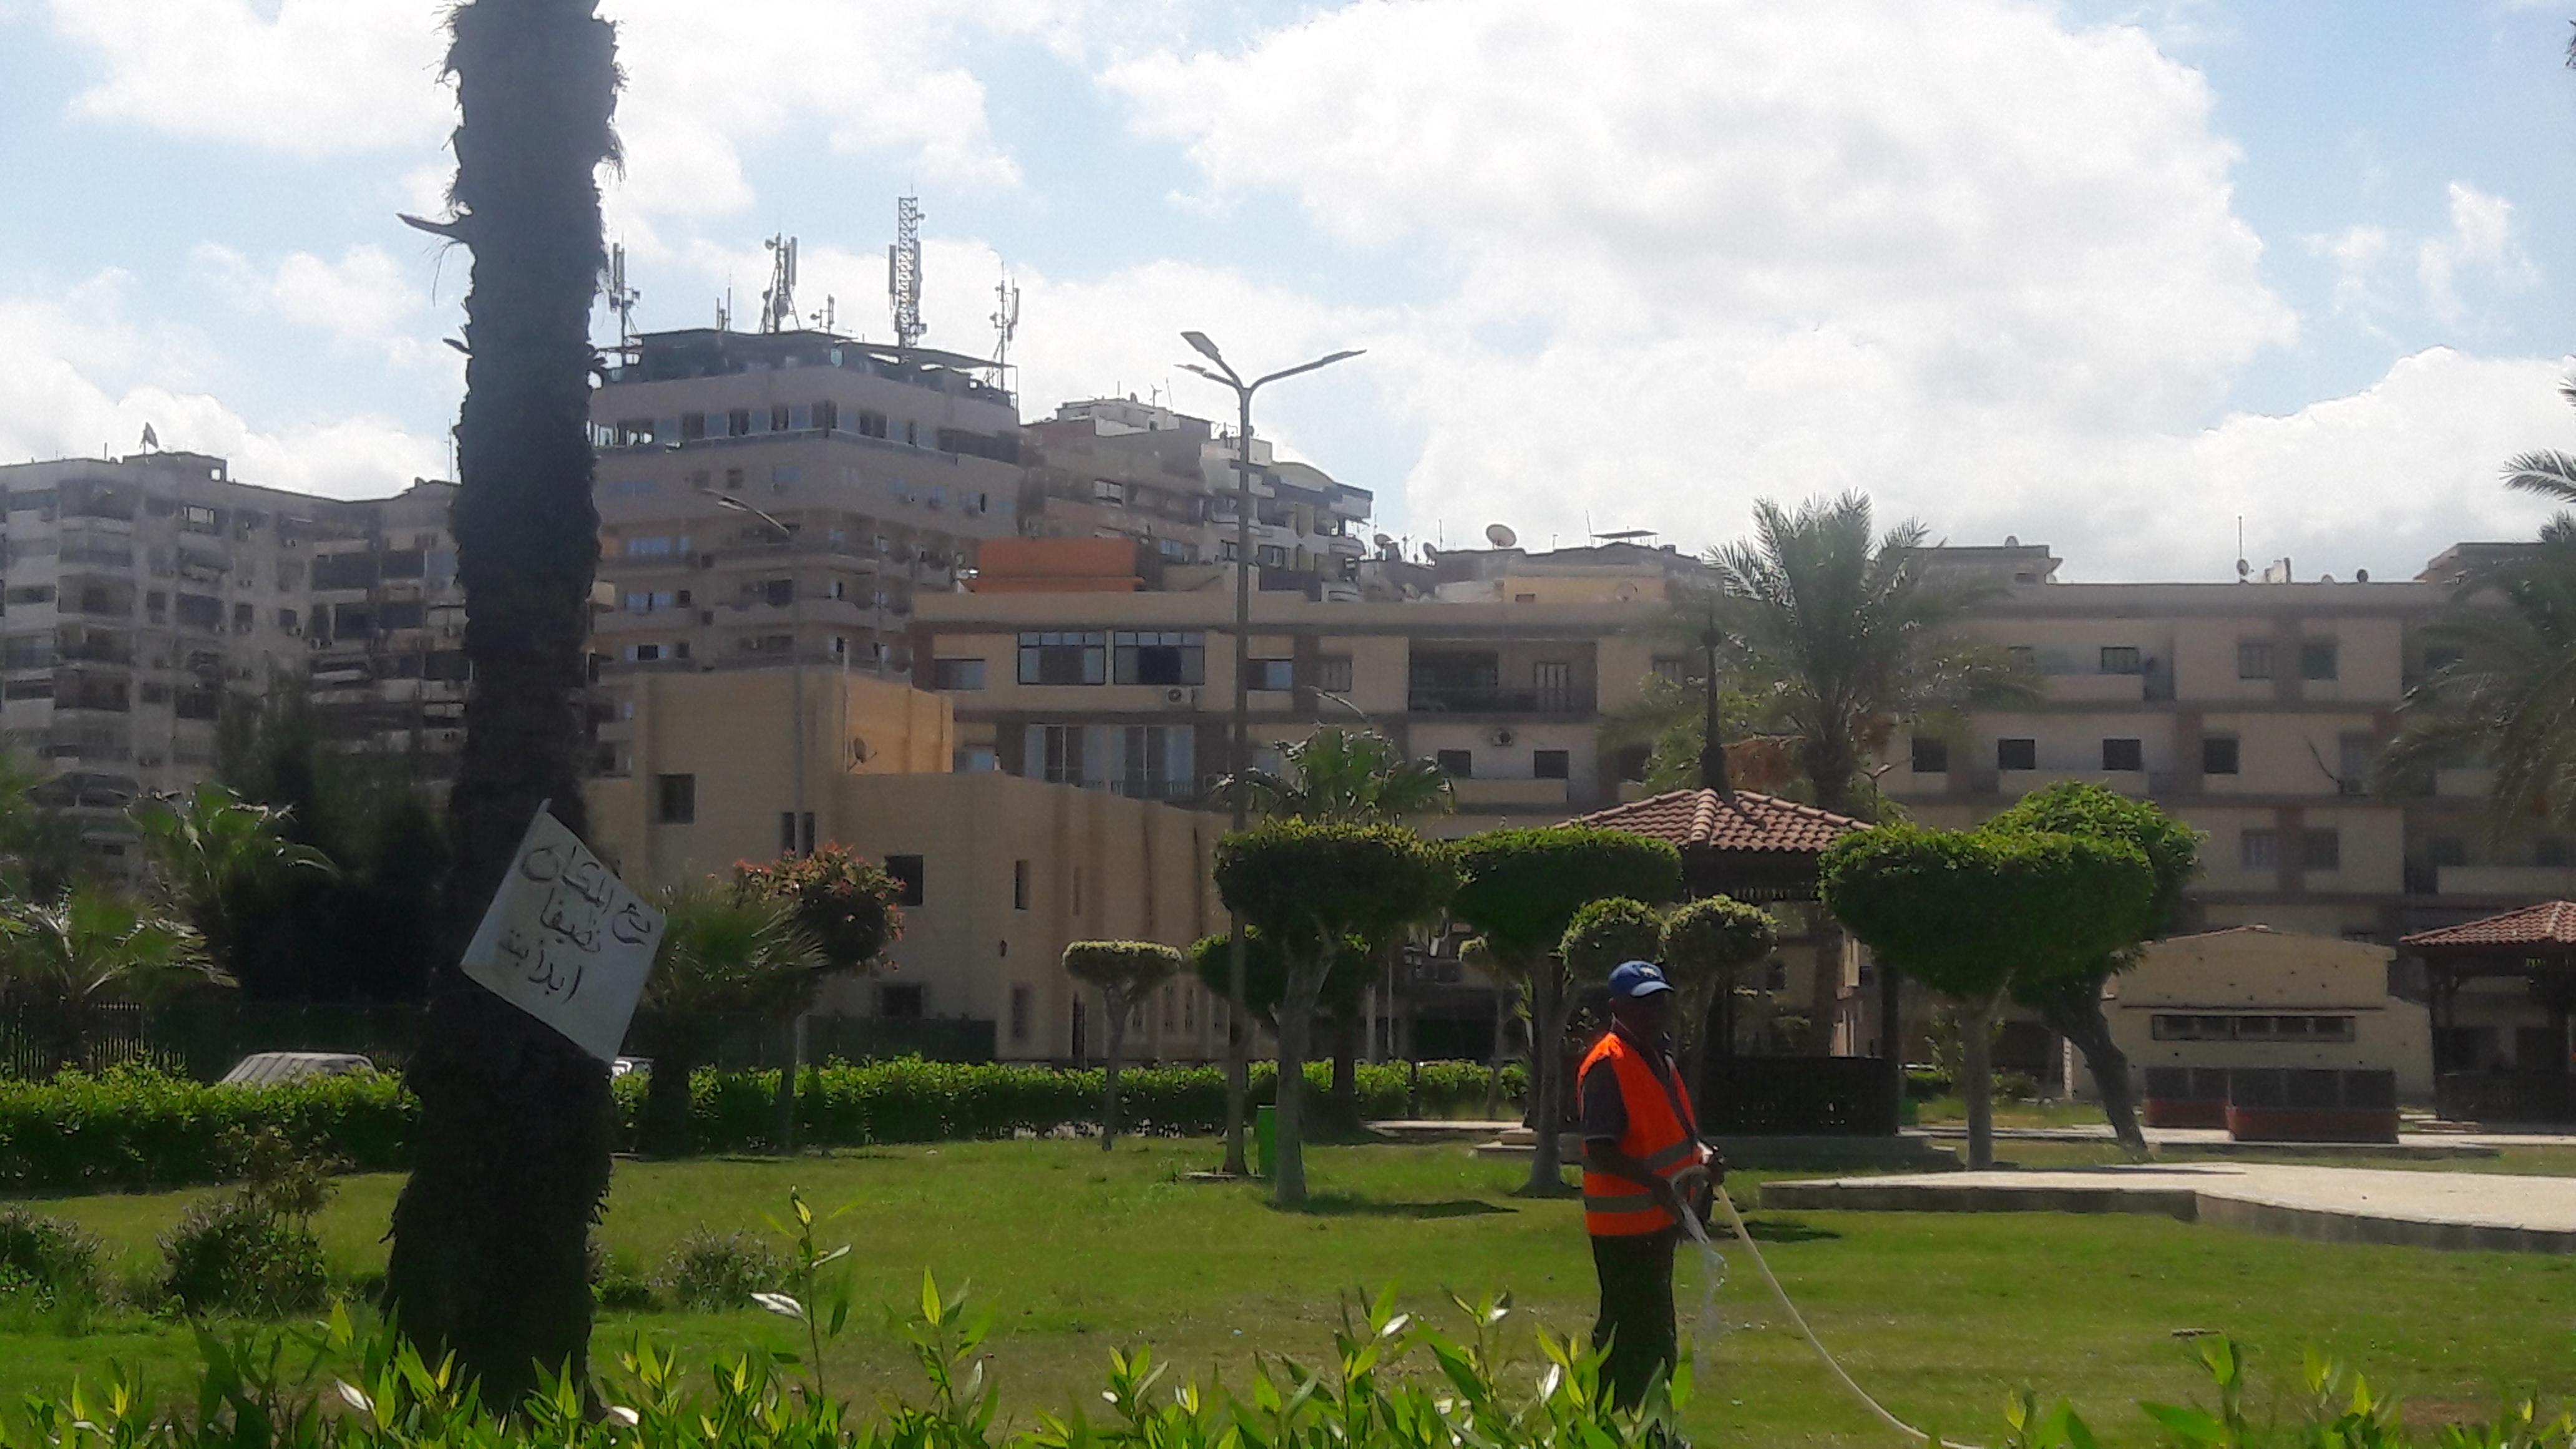 طقس معتدل دافئ على مدينتى بورسعيد وبورفؤاد  (7)